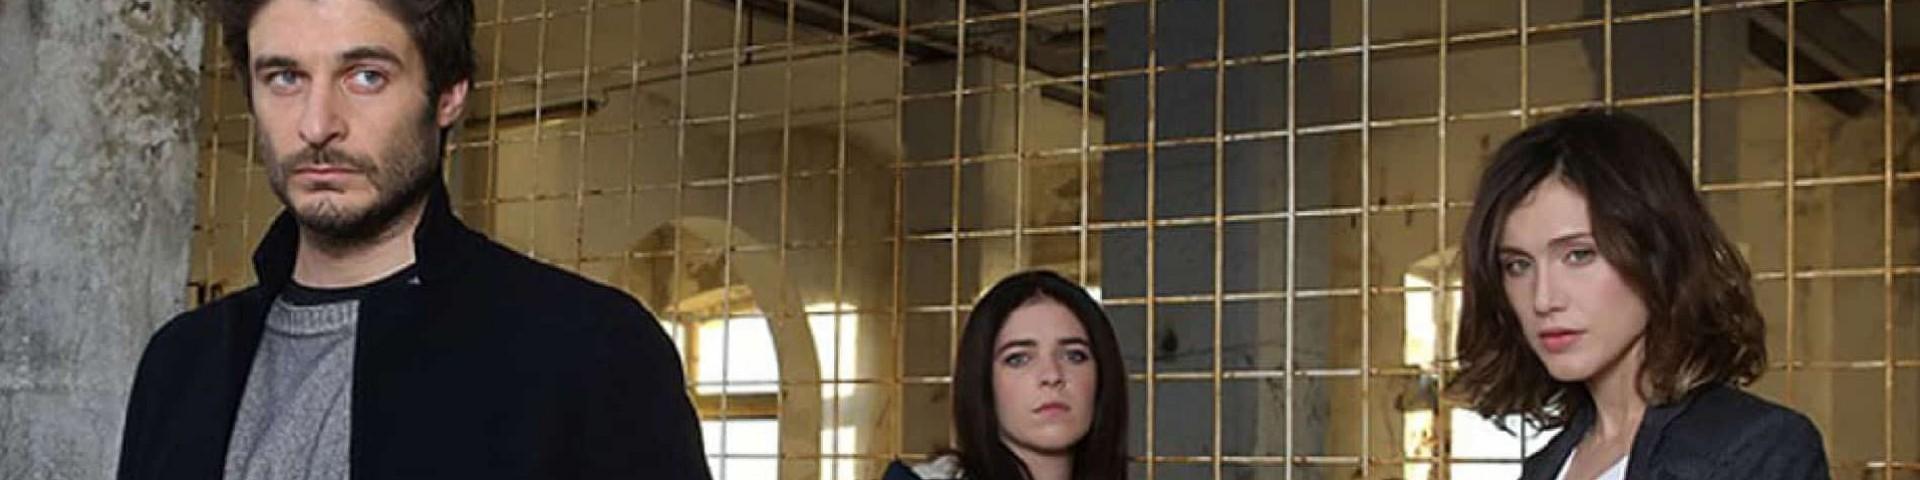 La porta rossa 2 con Lino Guanciale e Gabriella Pession